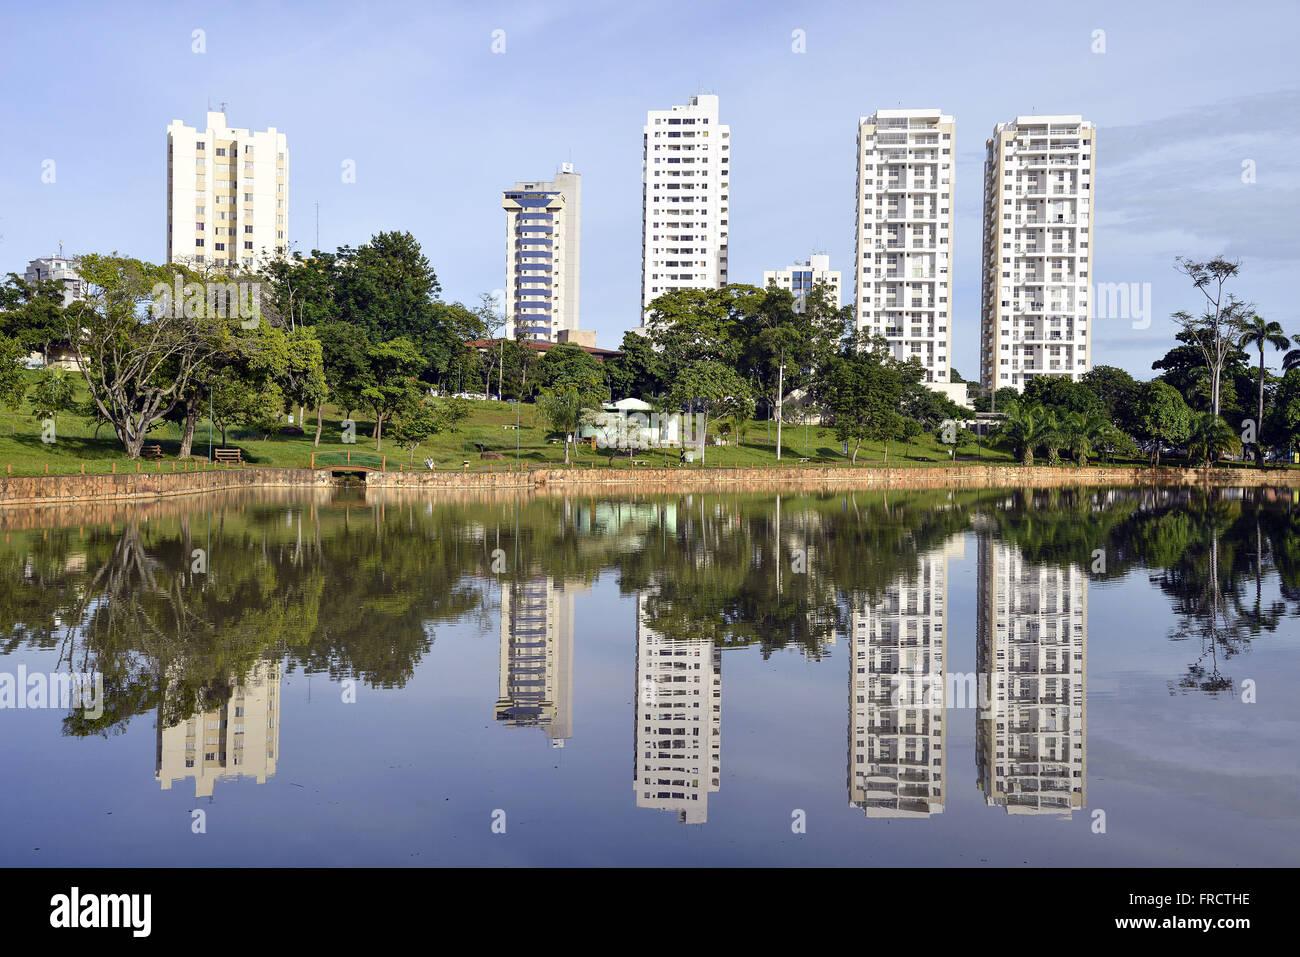 Parque Lago das Rosas e prédios no centro da cidade - Stock Image